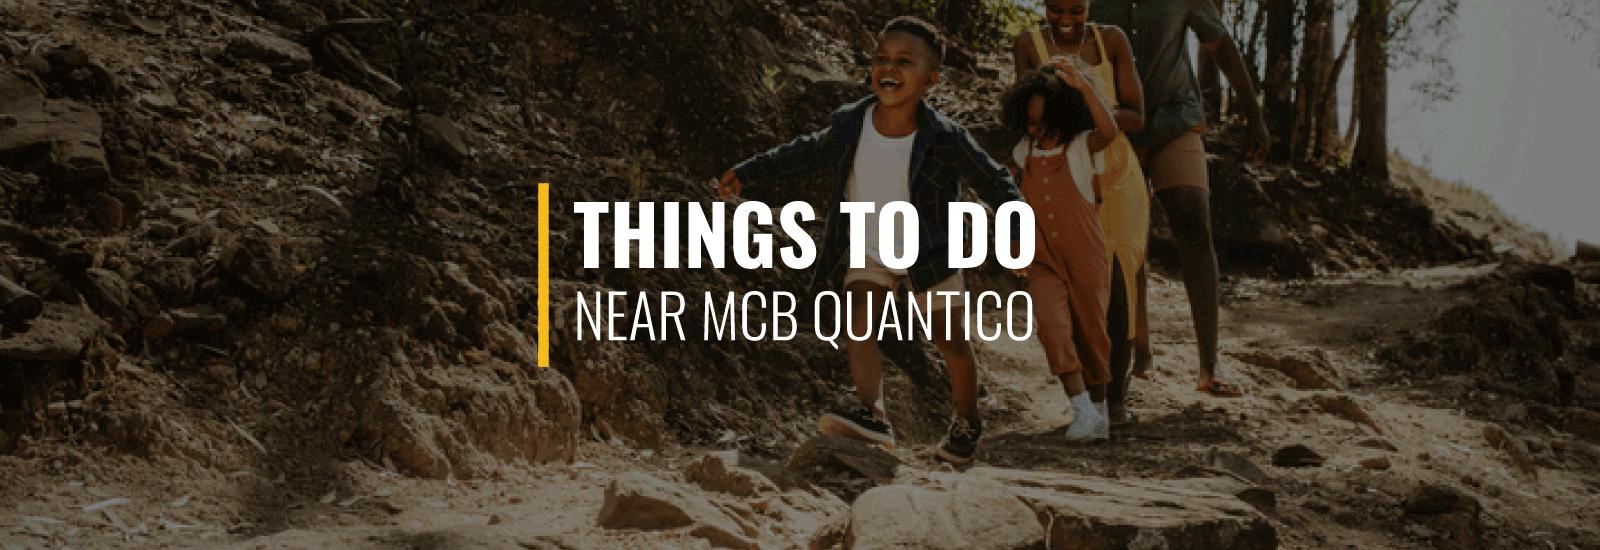 Things To Do Near MCB Quantico